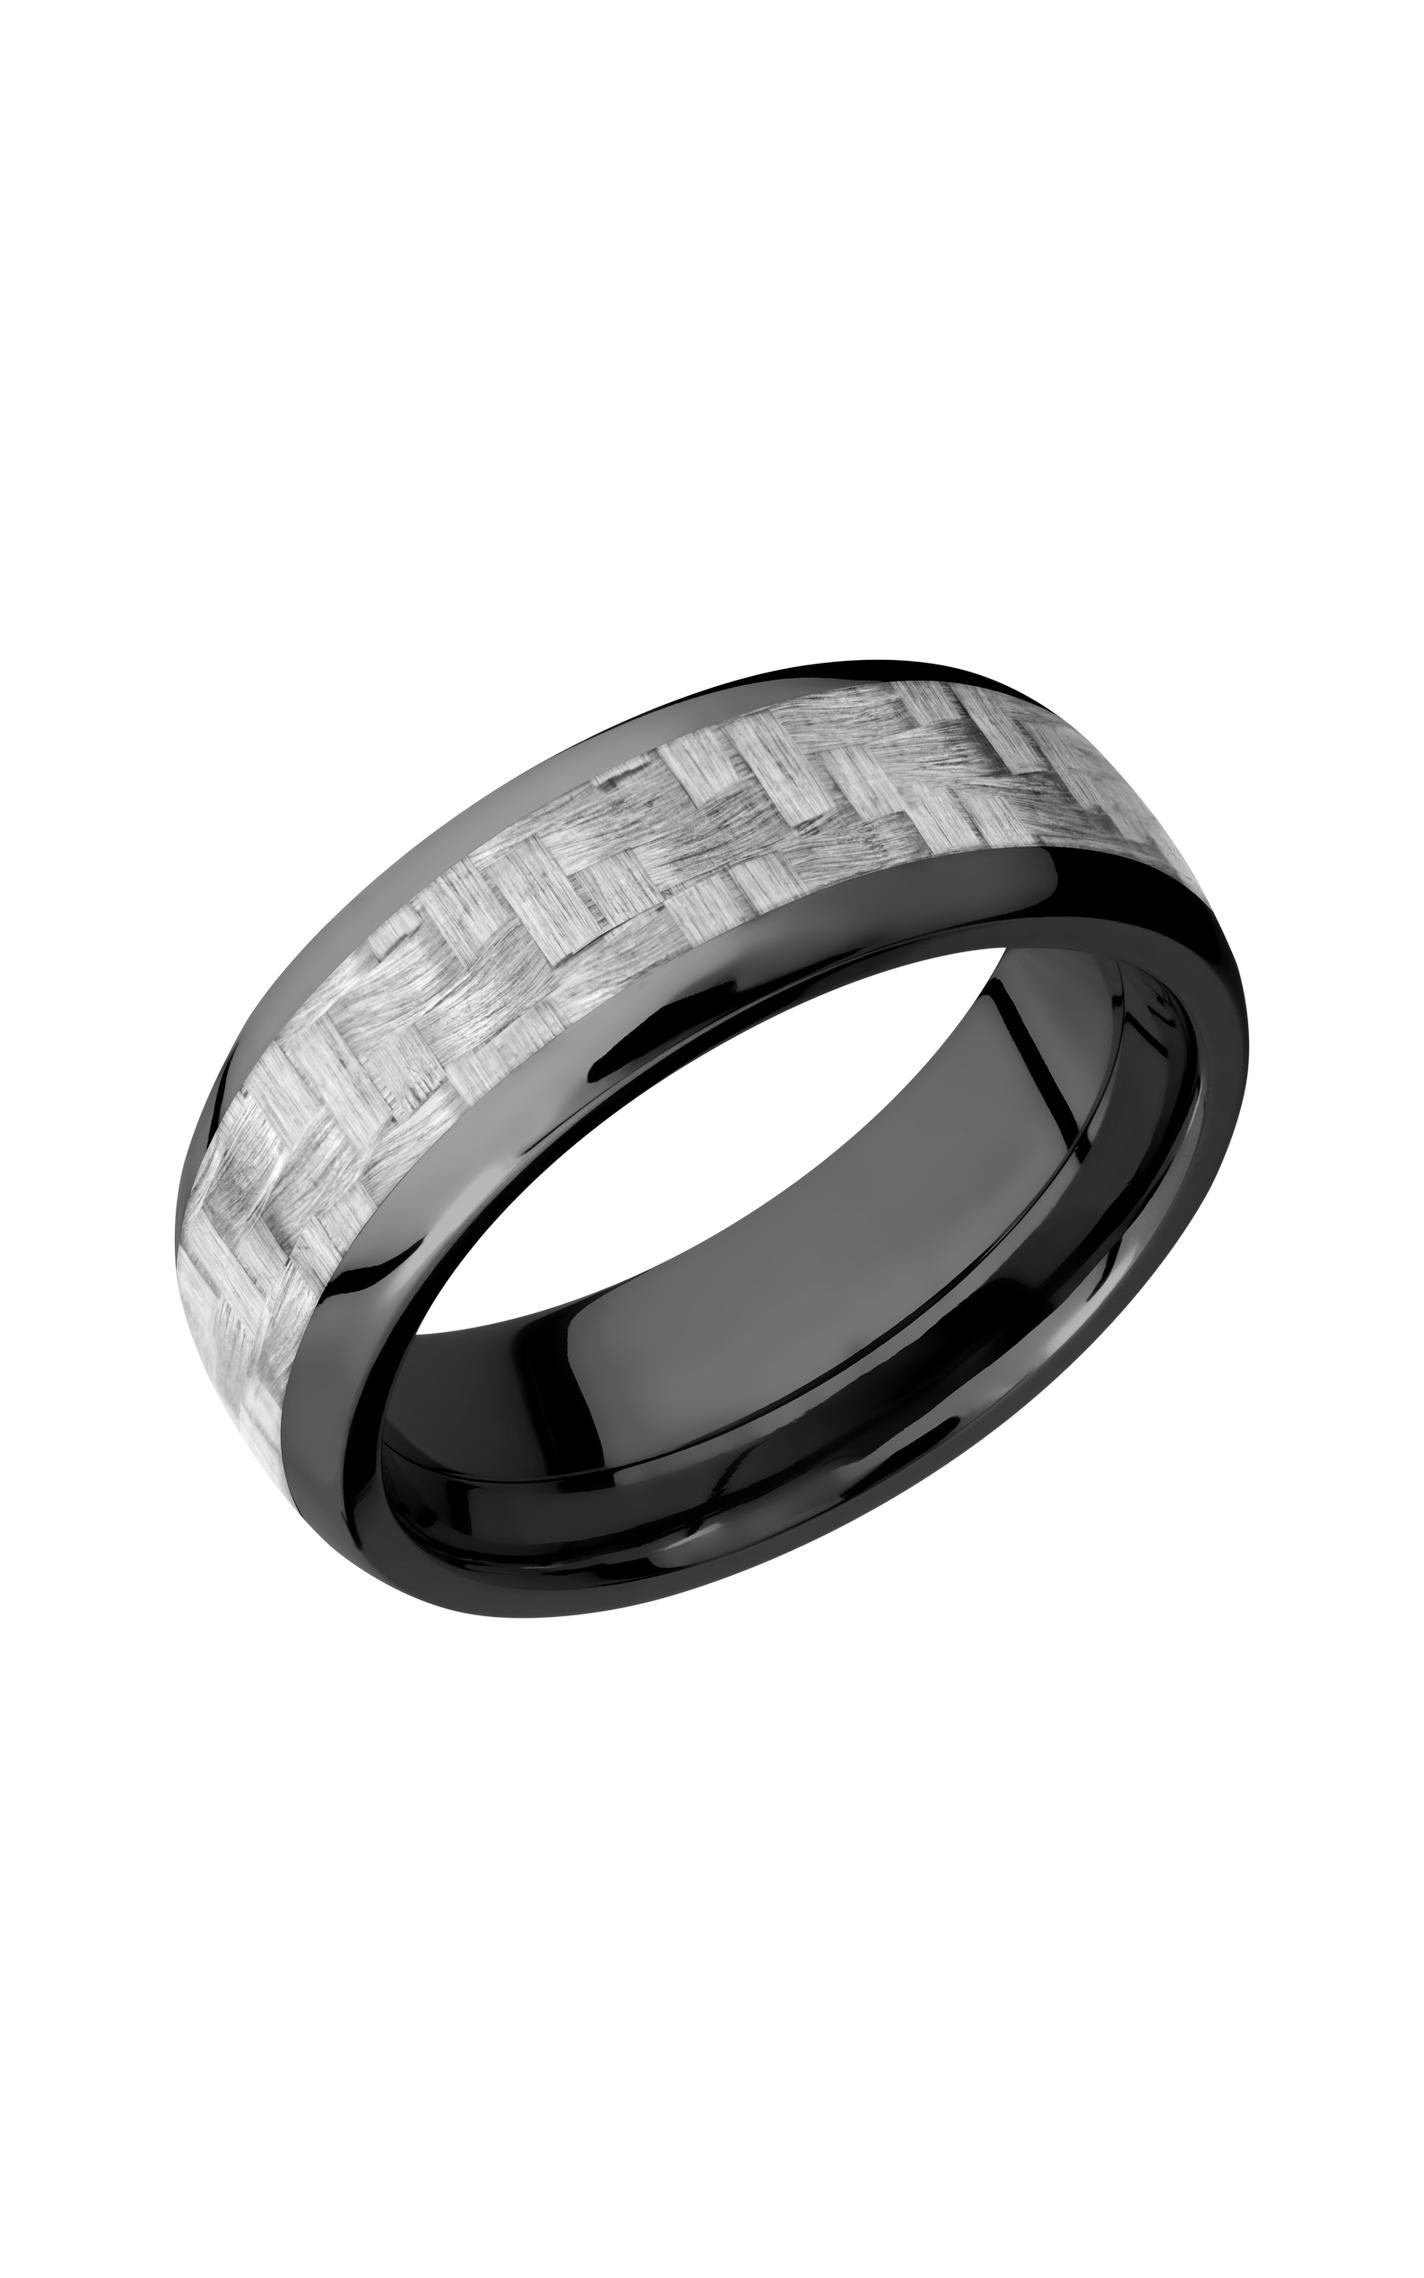 Lashbrook Carbon Fiber ZC8D15_SILVERCF product image